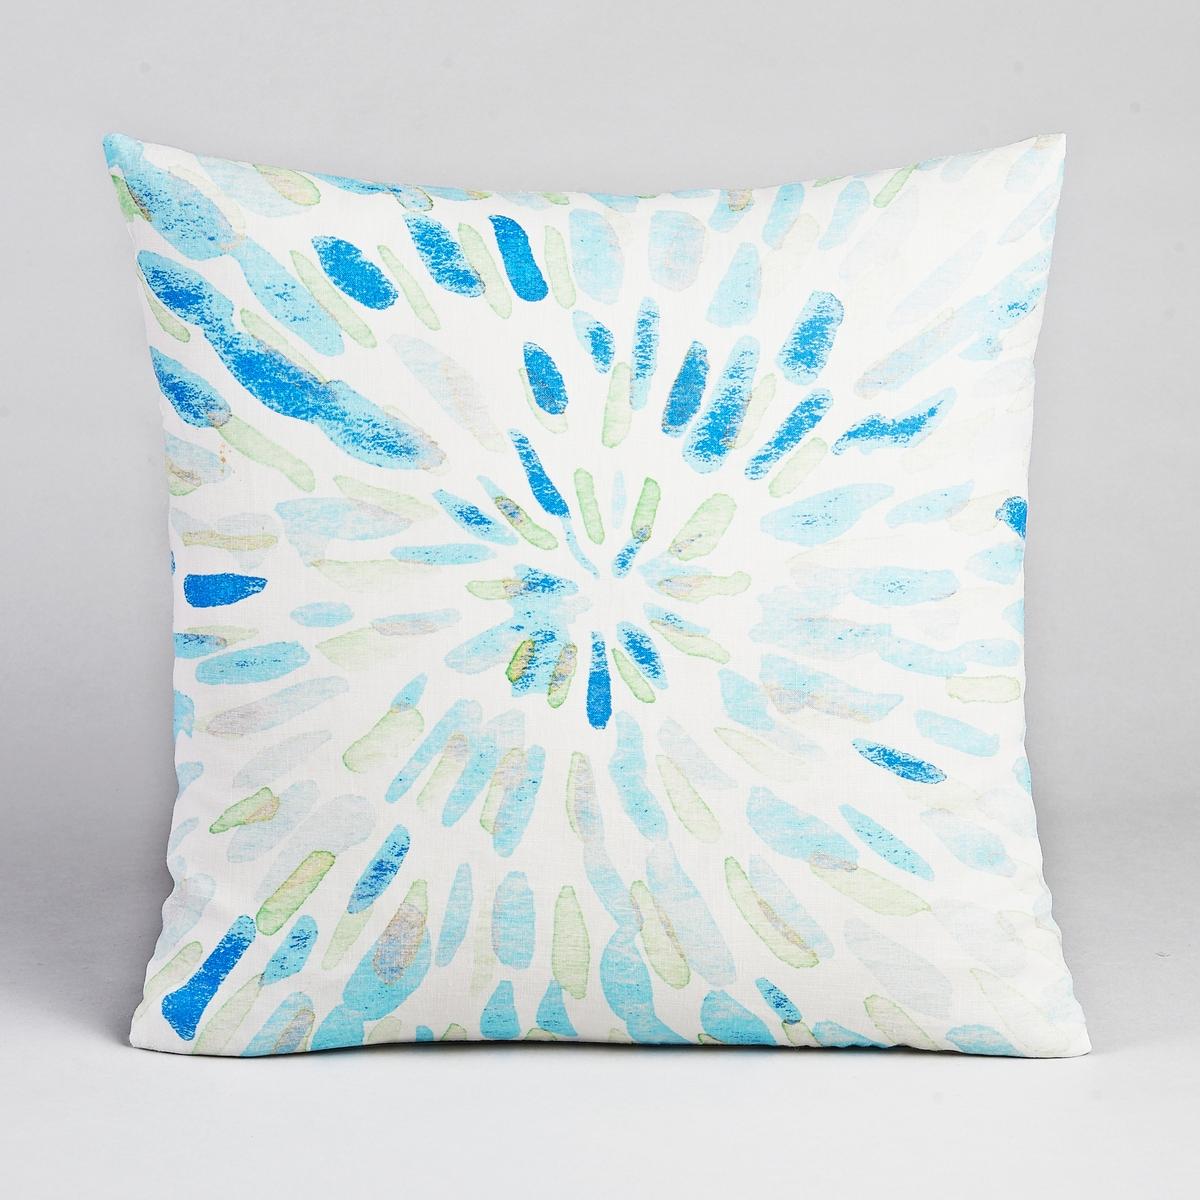 Чехол для подушки SiliЧехол для подушки из красивого стираного льна, с абстрактными мотивами с акварелью .Характеристики :- Из льна .- Застёжка на молнию.Размер :- 45 x 45 см.<br><br>Цвет: синий